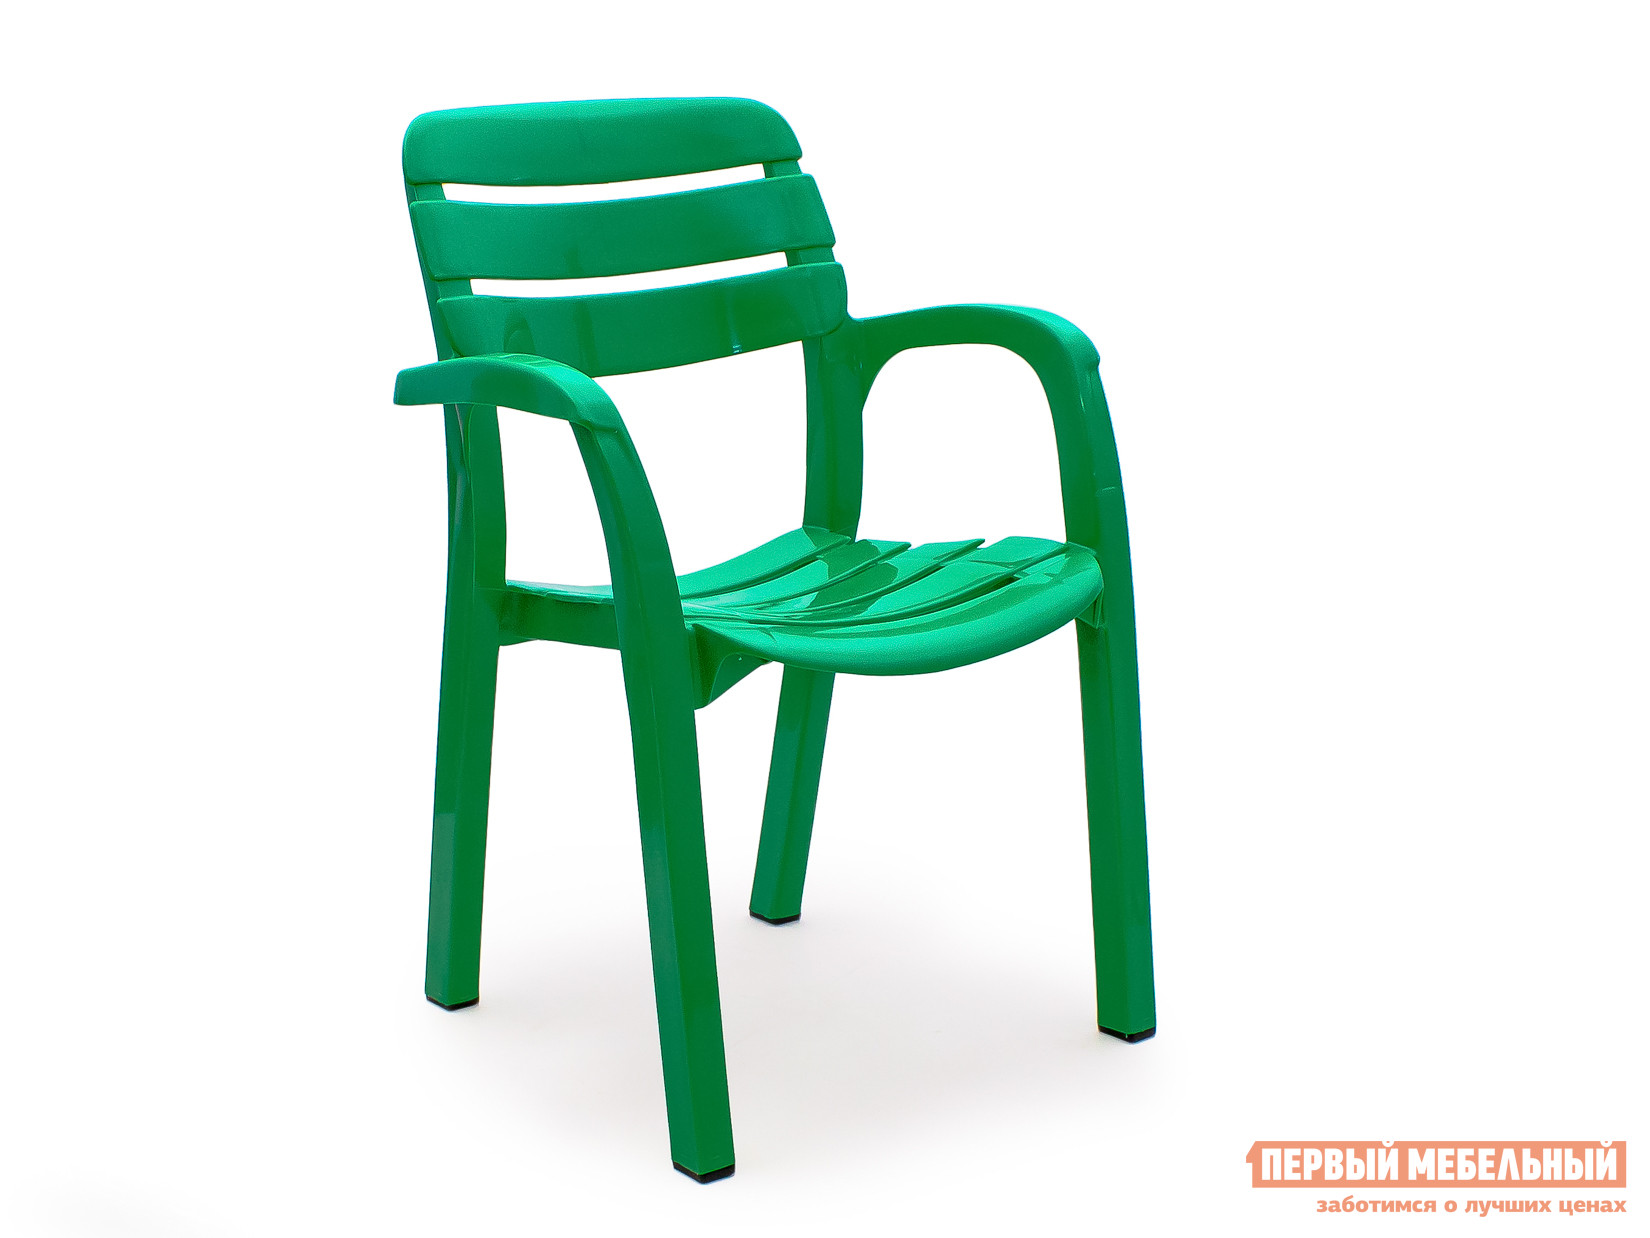 Пластиковый стул Стандарт Пластик Групп Кресло №3 Далгория (600х440х830мм) стул рост элит стандарт 3м черный